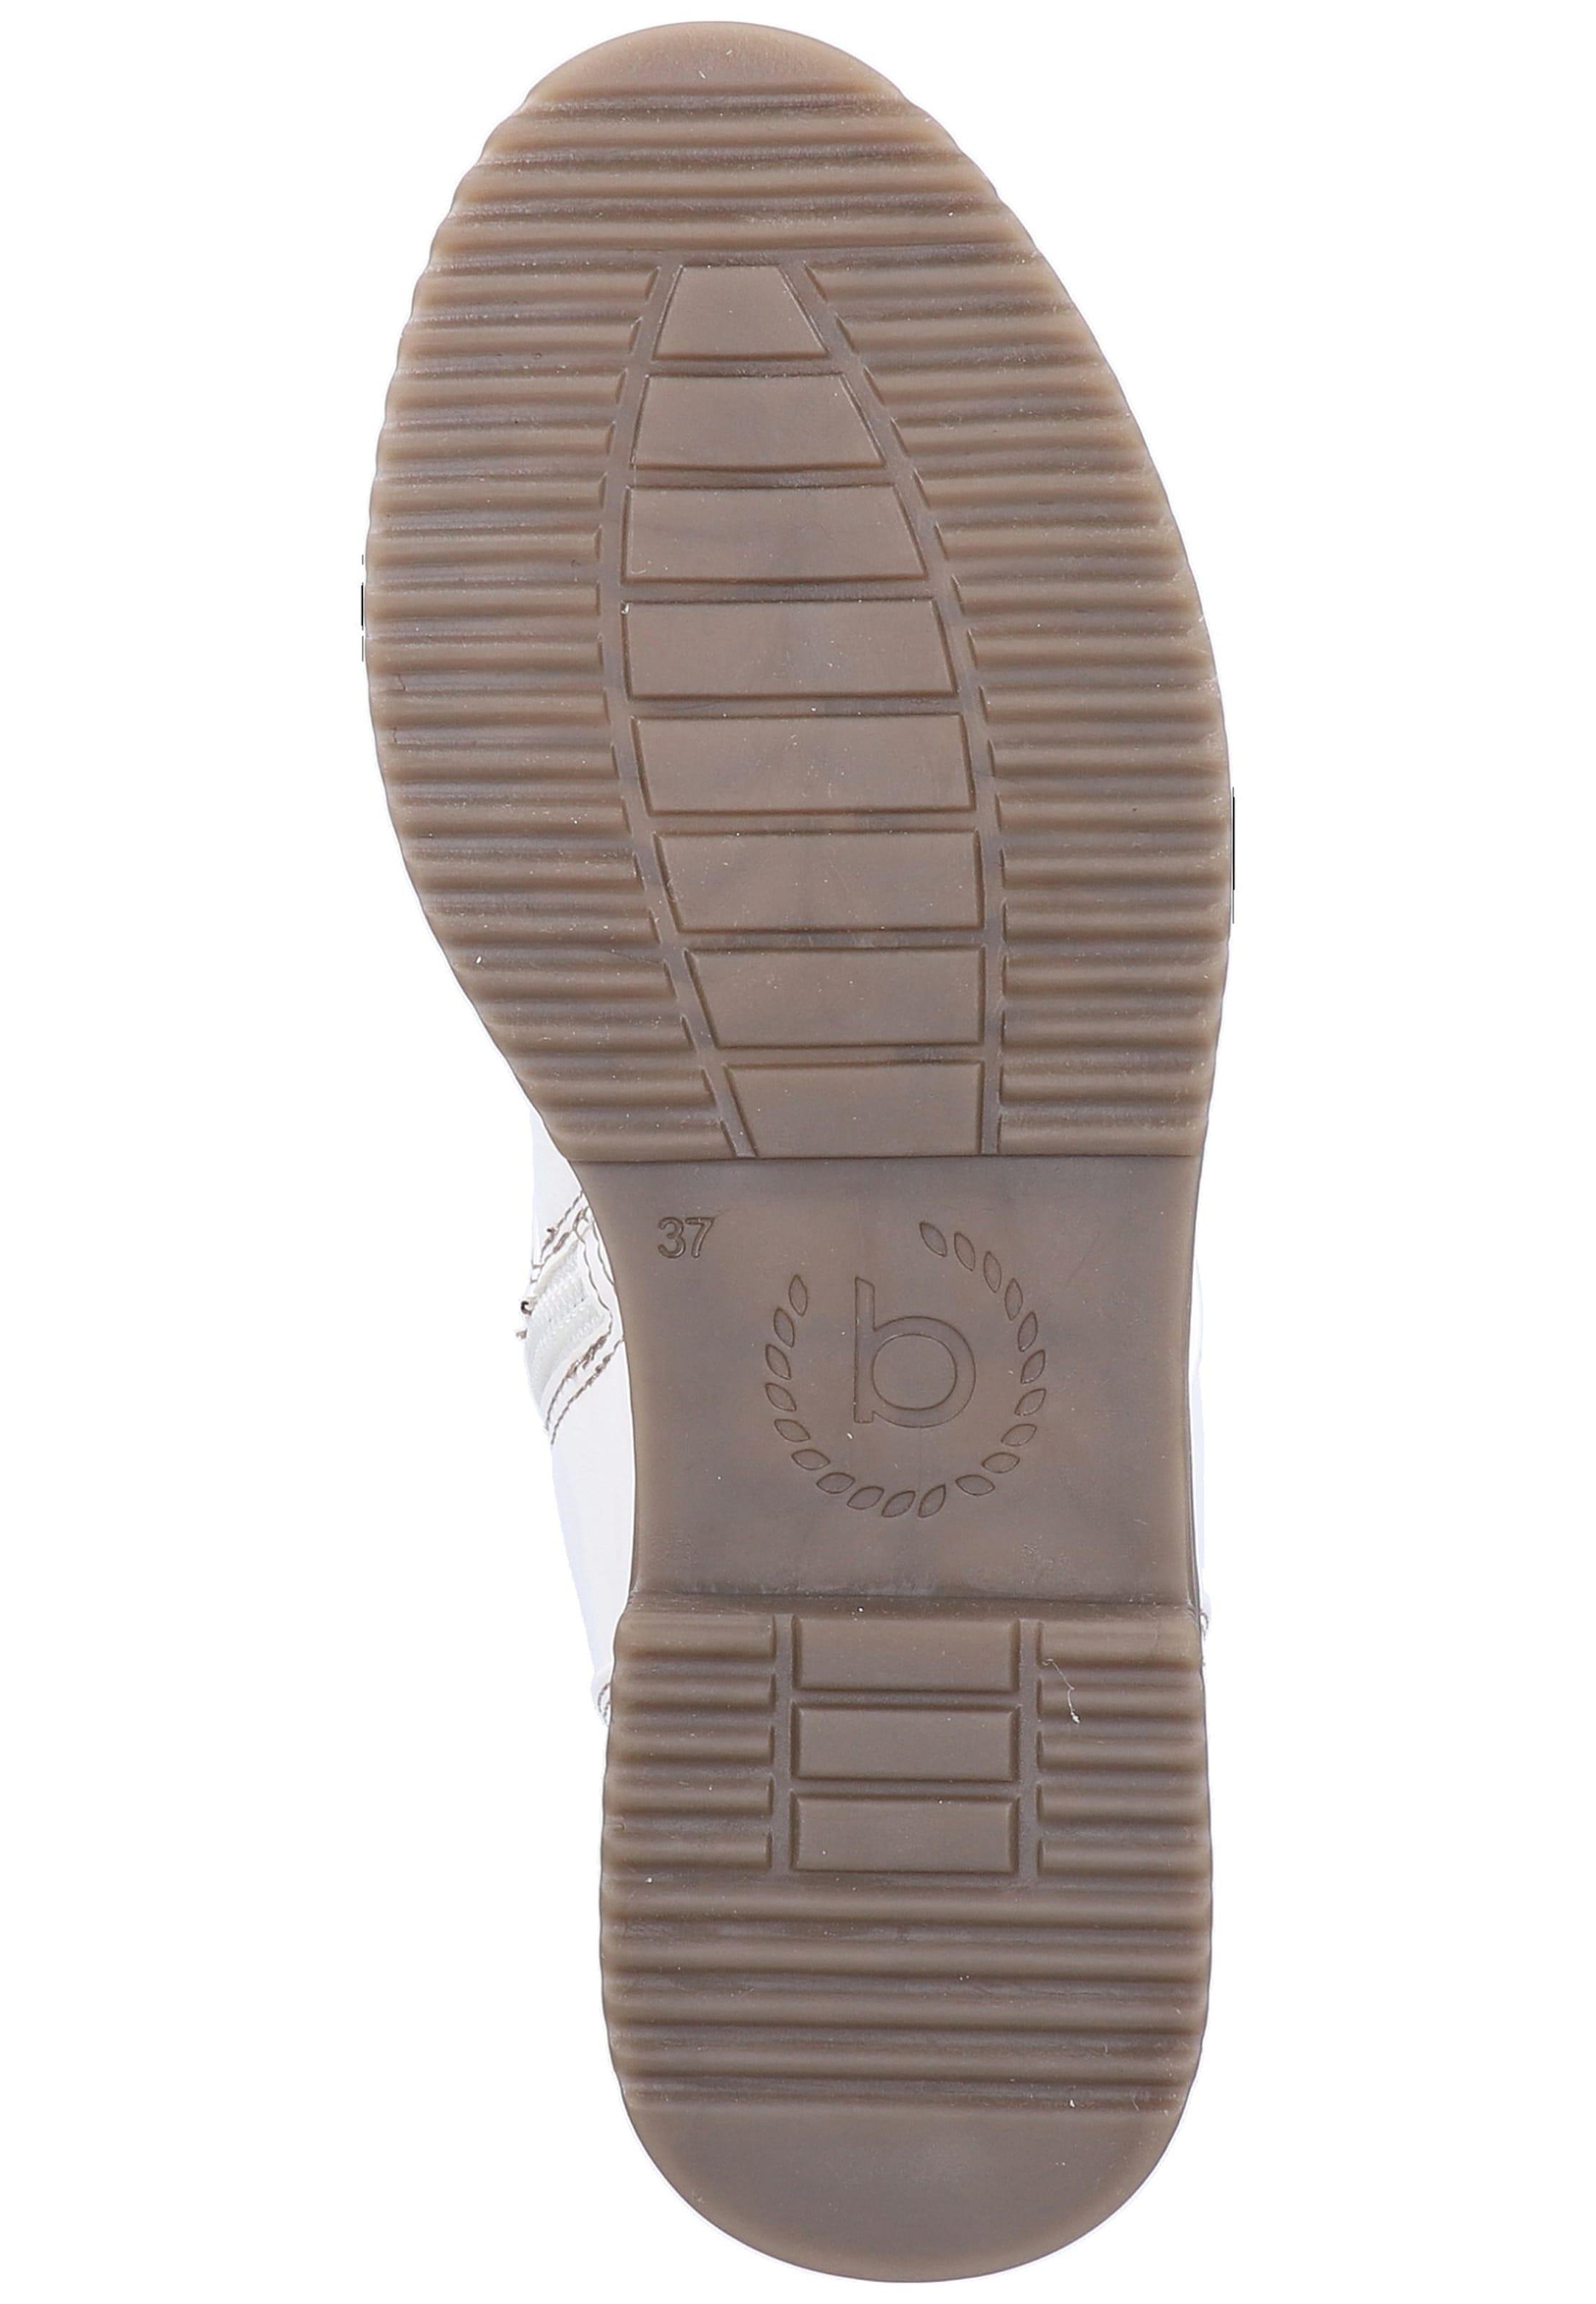 Bugatti Stiefel Stiefel Stiefel 'Neria Polyurethan, sonstiges Material Verkaufen Sie saisonale Aktionen 972843